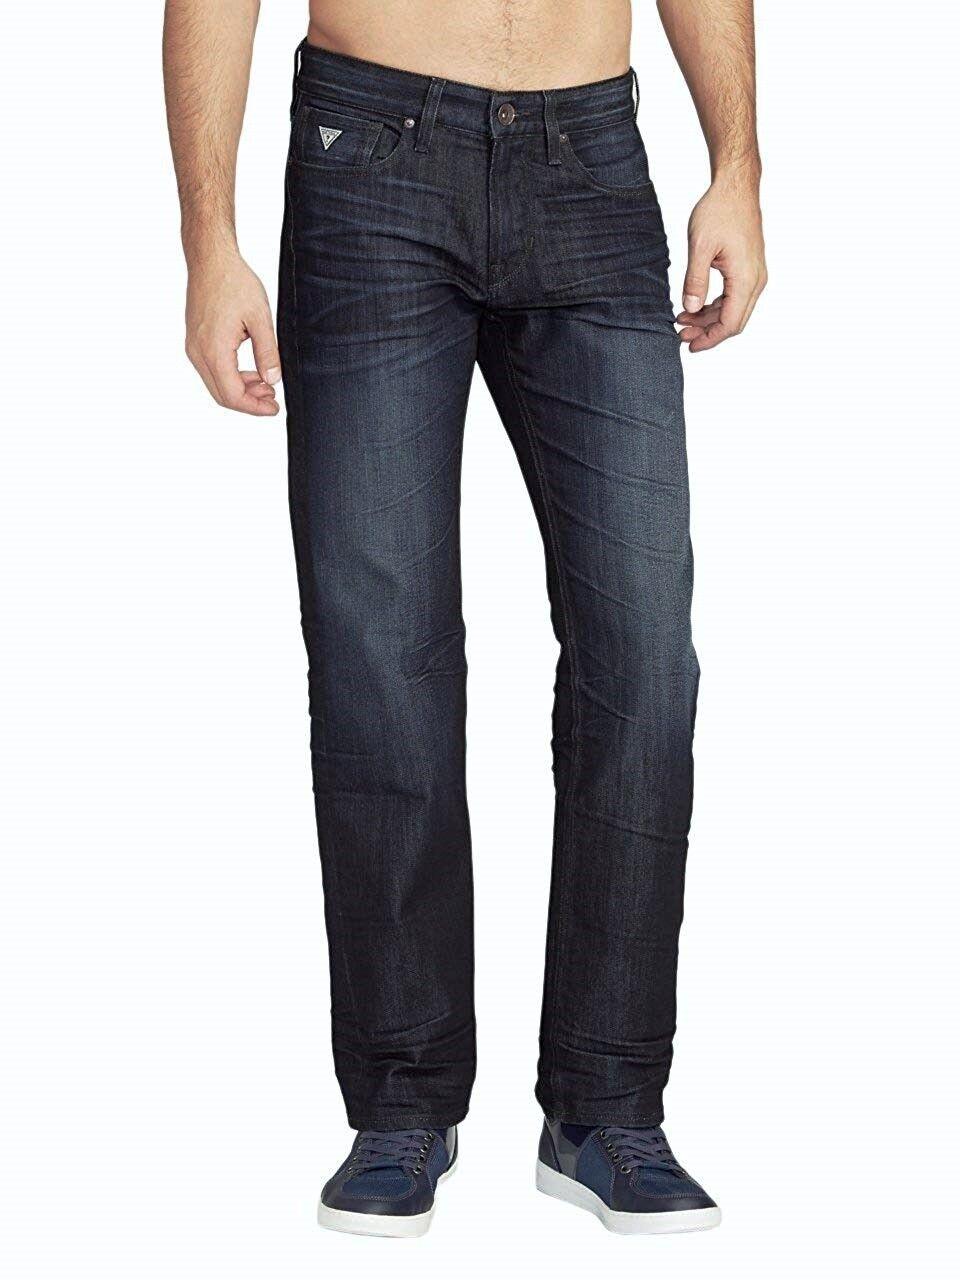 Guess Herren Bequemer Gerades Bein Jeans in Riverfront Wash Sz 32    Qualitätsprodukte